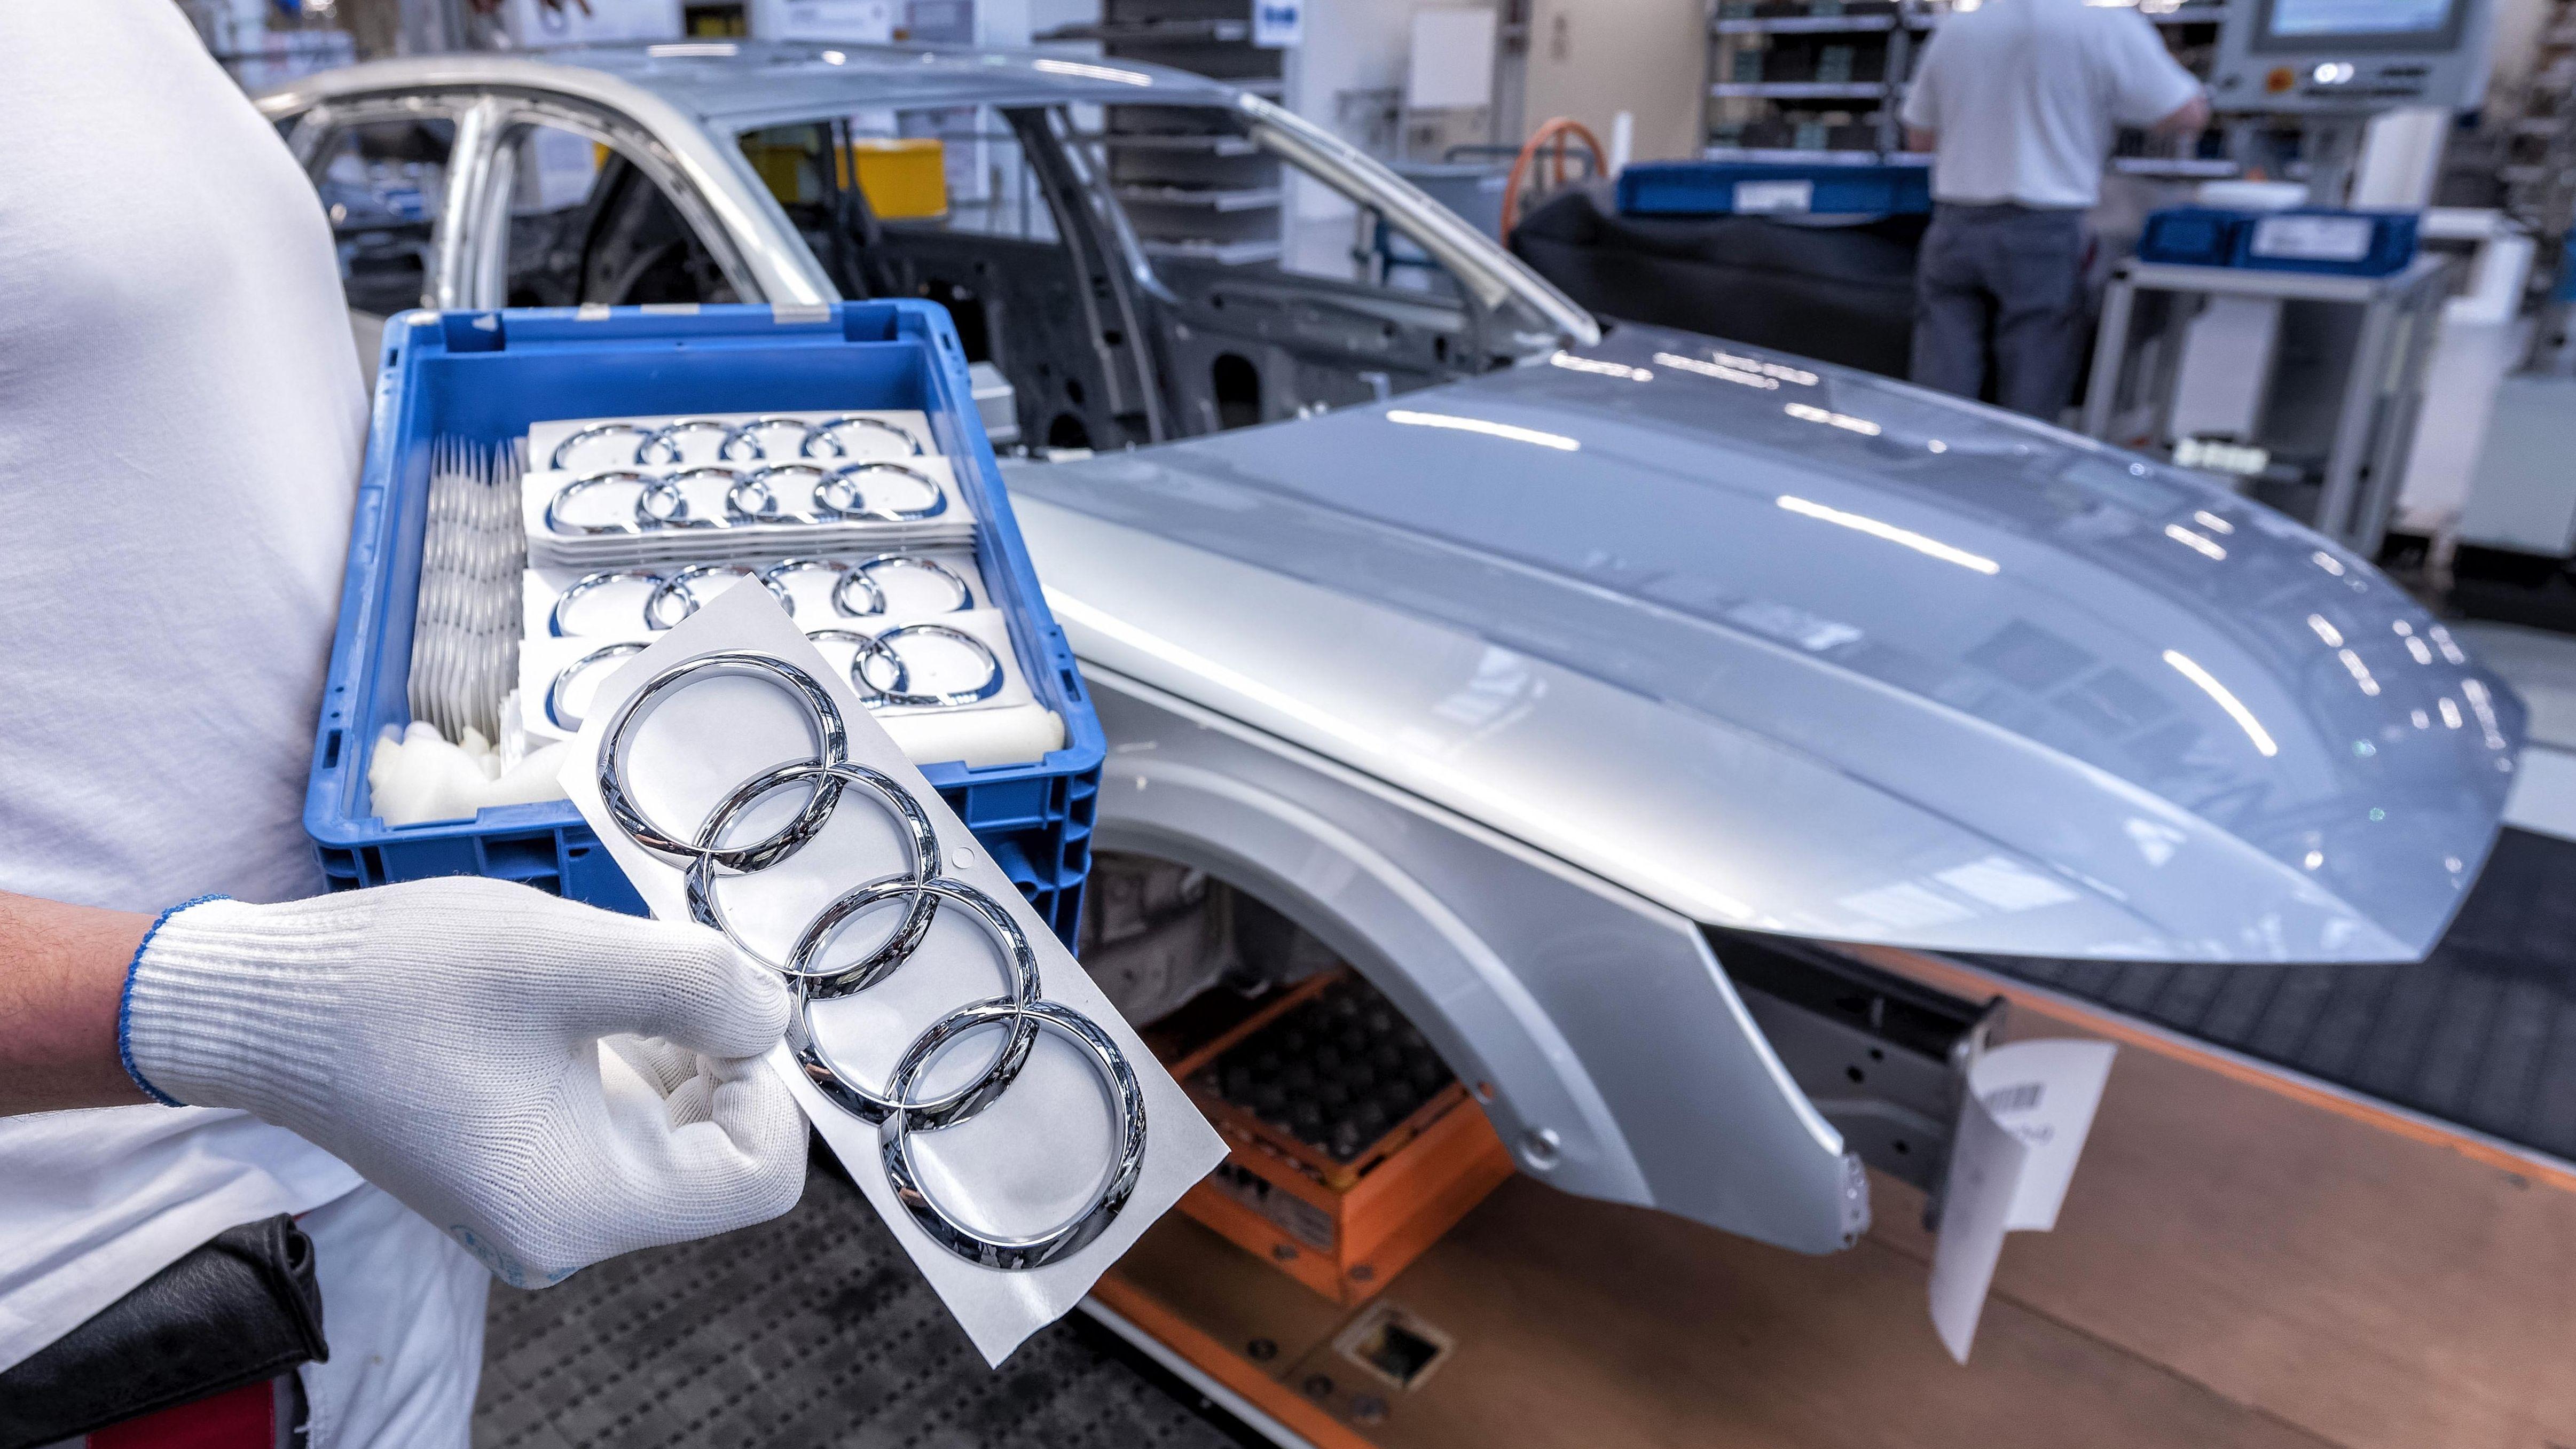 Ein Audi-Mitarbeiter hält einen Kasten mit Audi-Logos in Händen auf der Montagelinie Audi A4 im Werk der Audi AG in Ingolstadt.